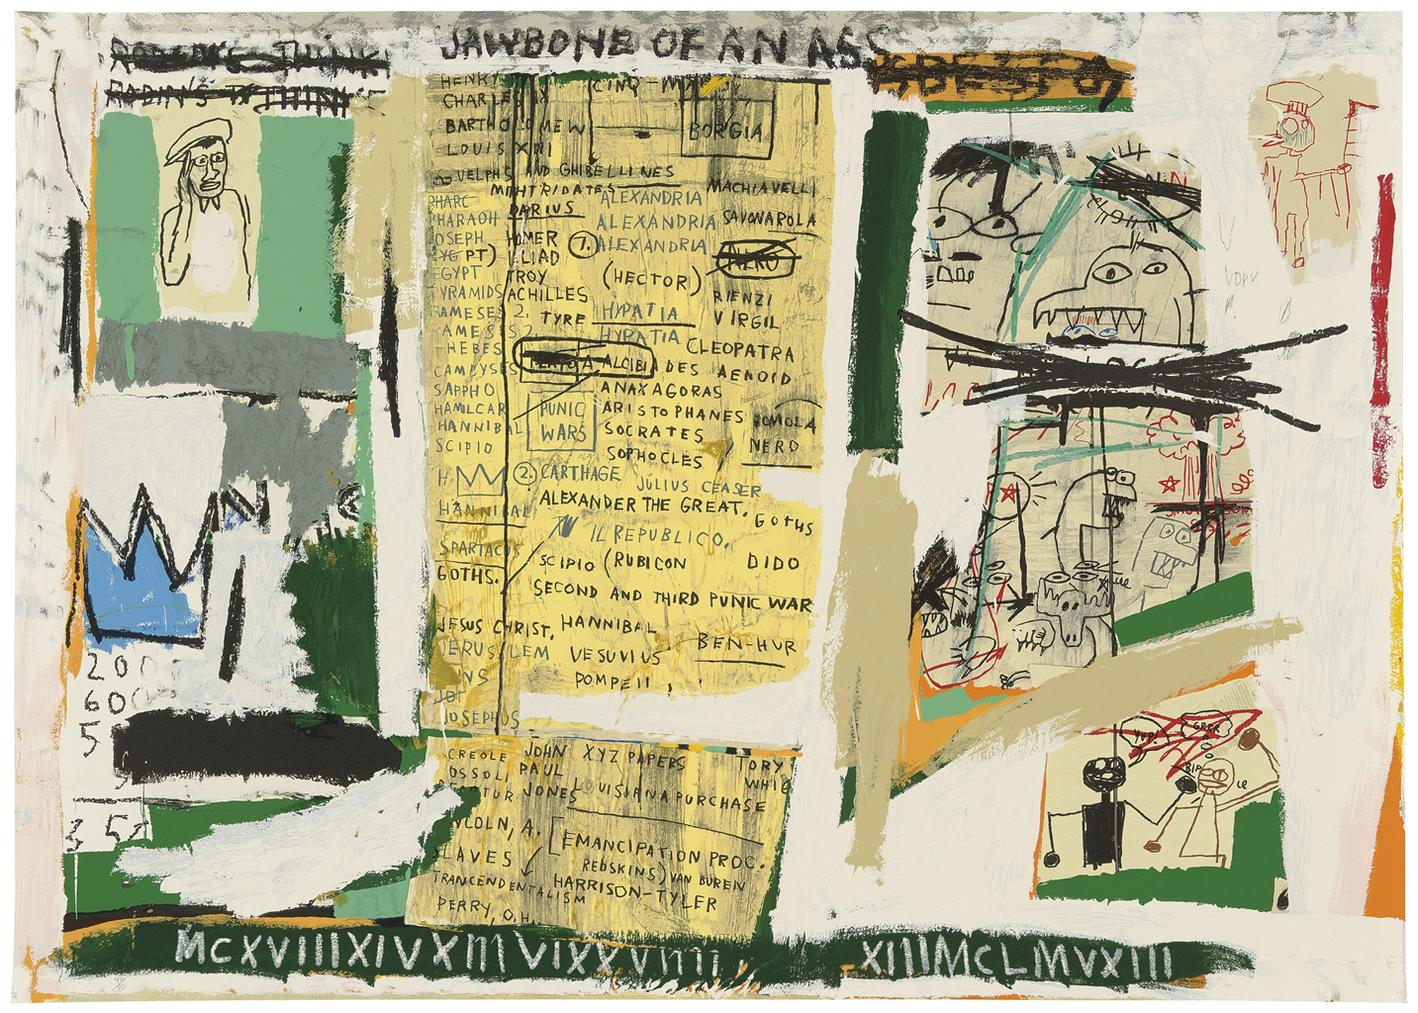 Jean-Michel Basquiat-After Jean-Michel Basquiat - Jawbone Of An Ass-1982